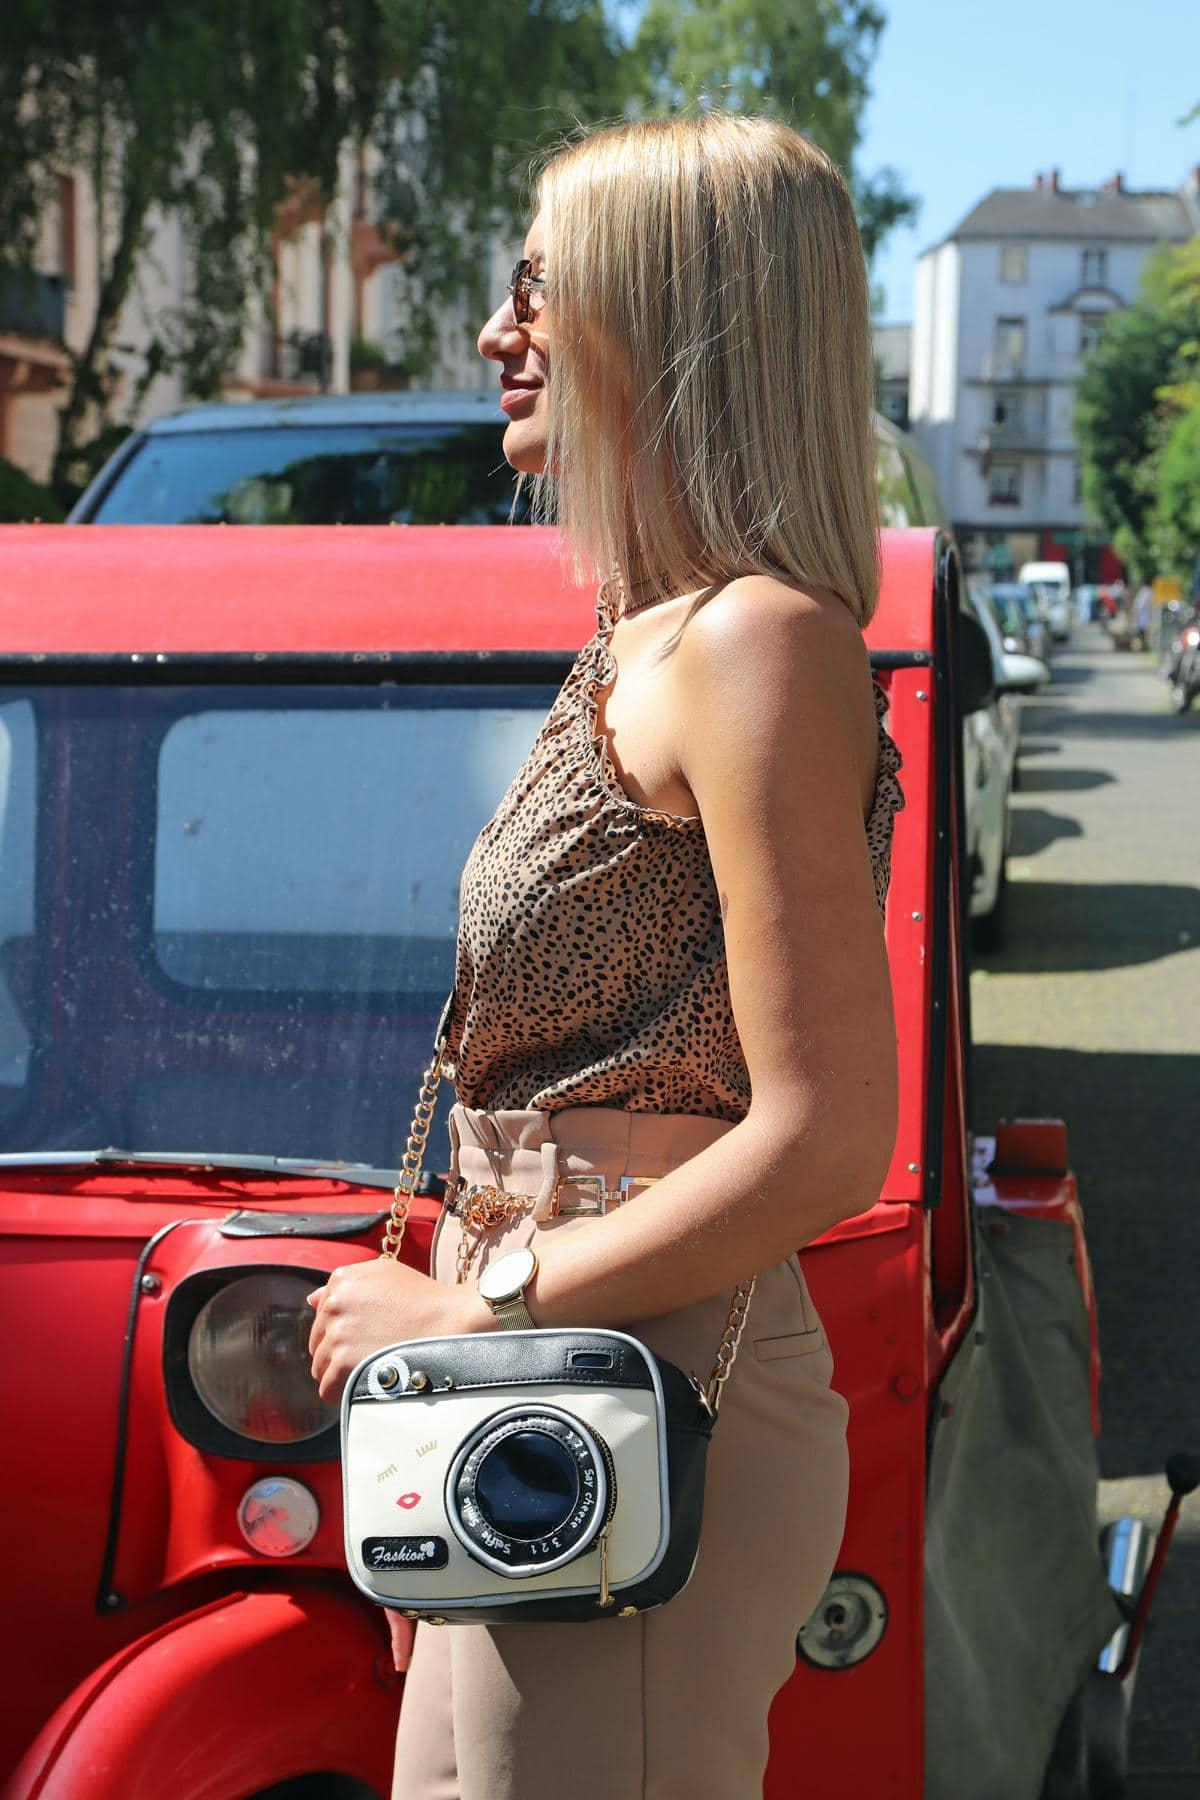 Ist im Kasten! Sommerfeeling mit One-Shoulder-Top und Fancy-Bag